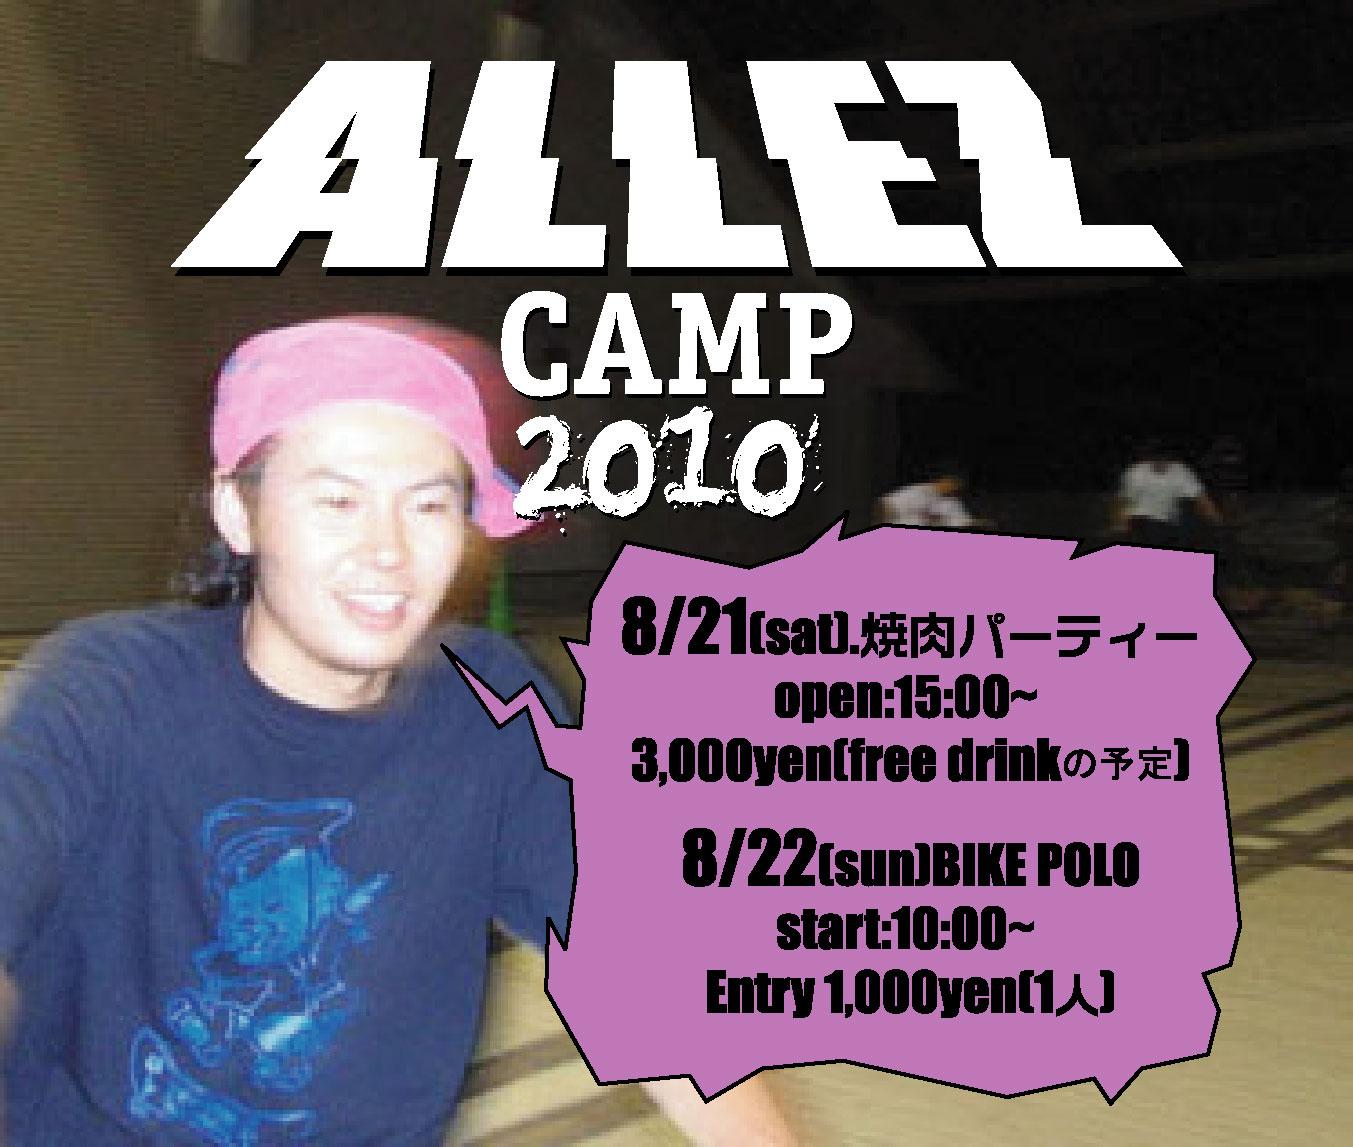 ALLEZ CAMP